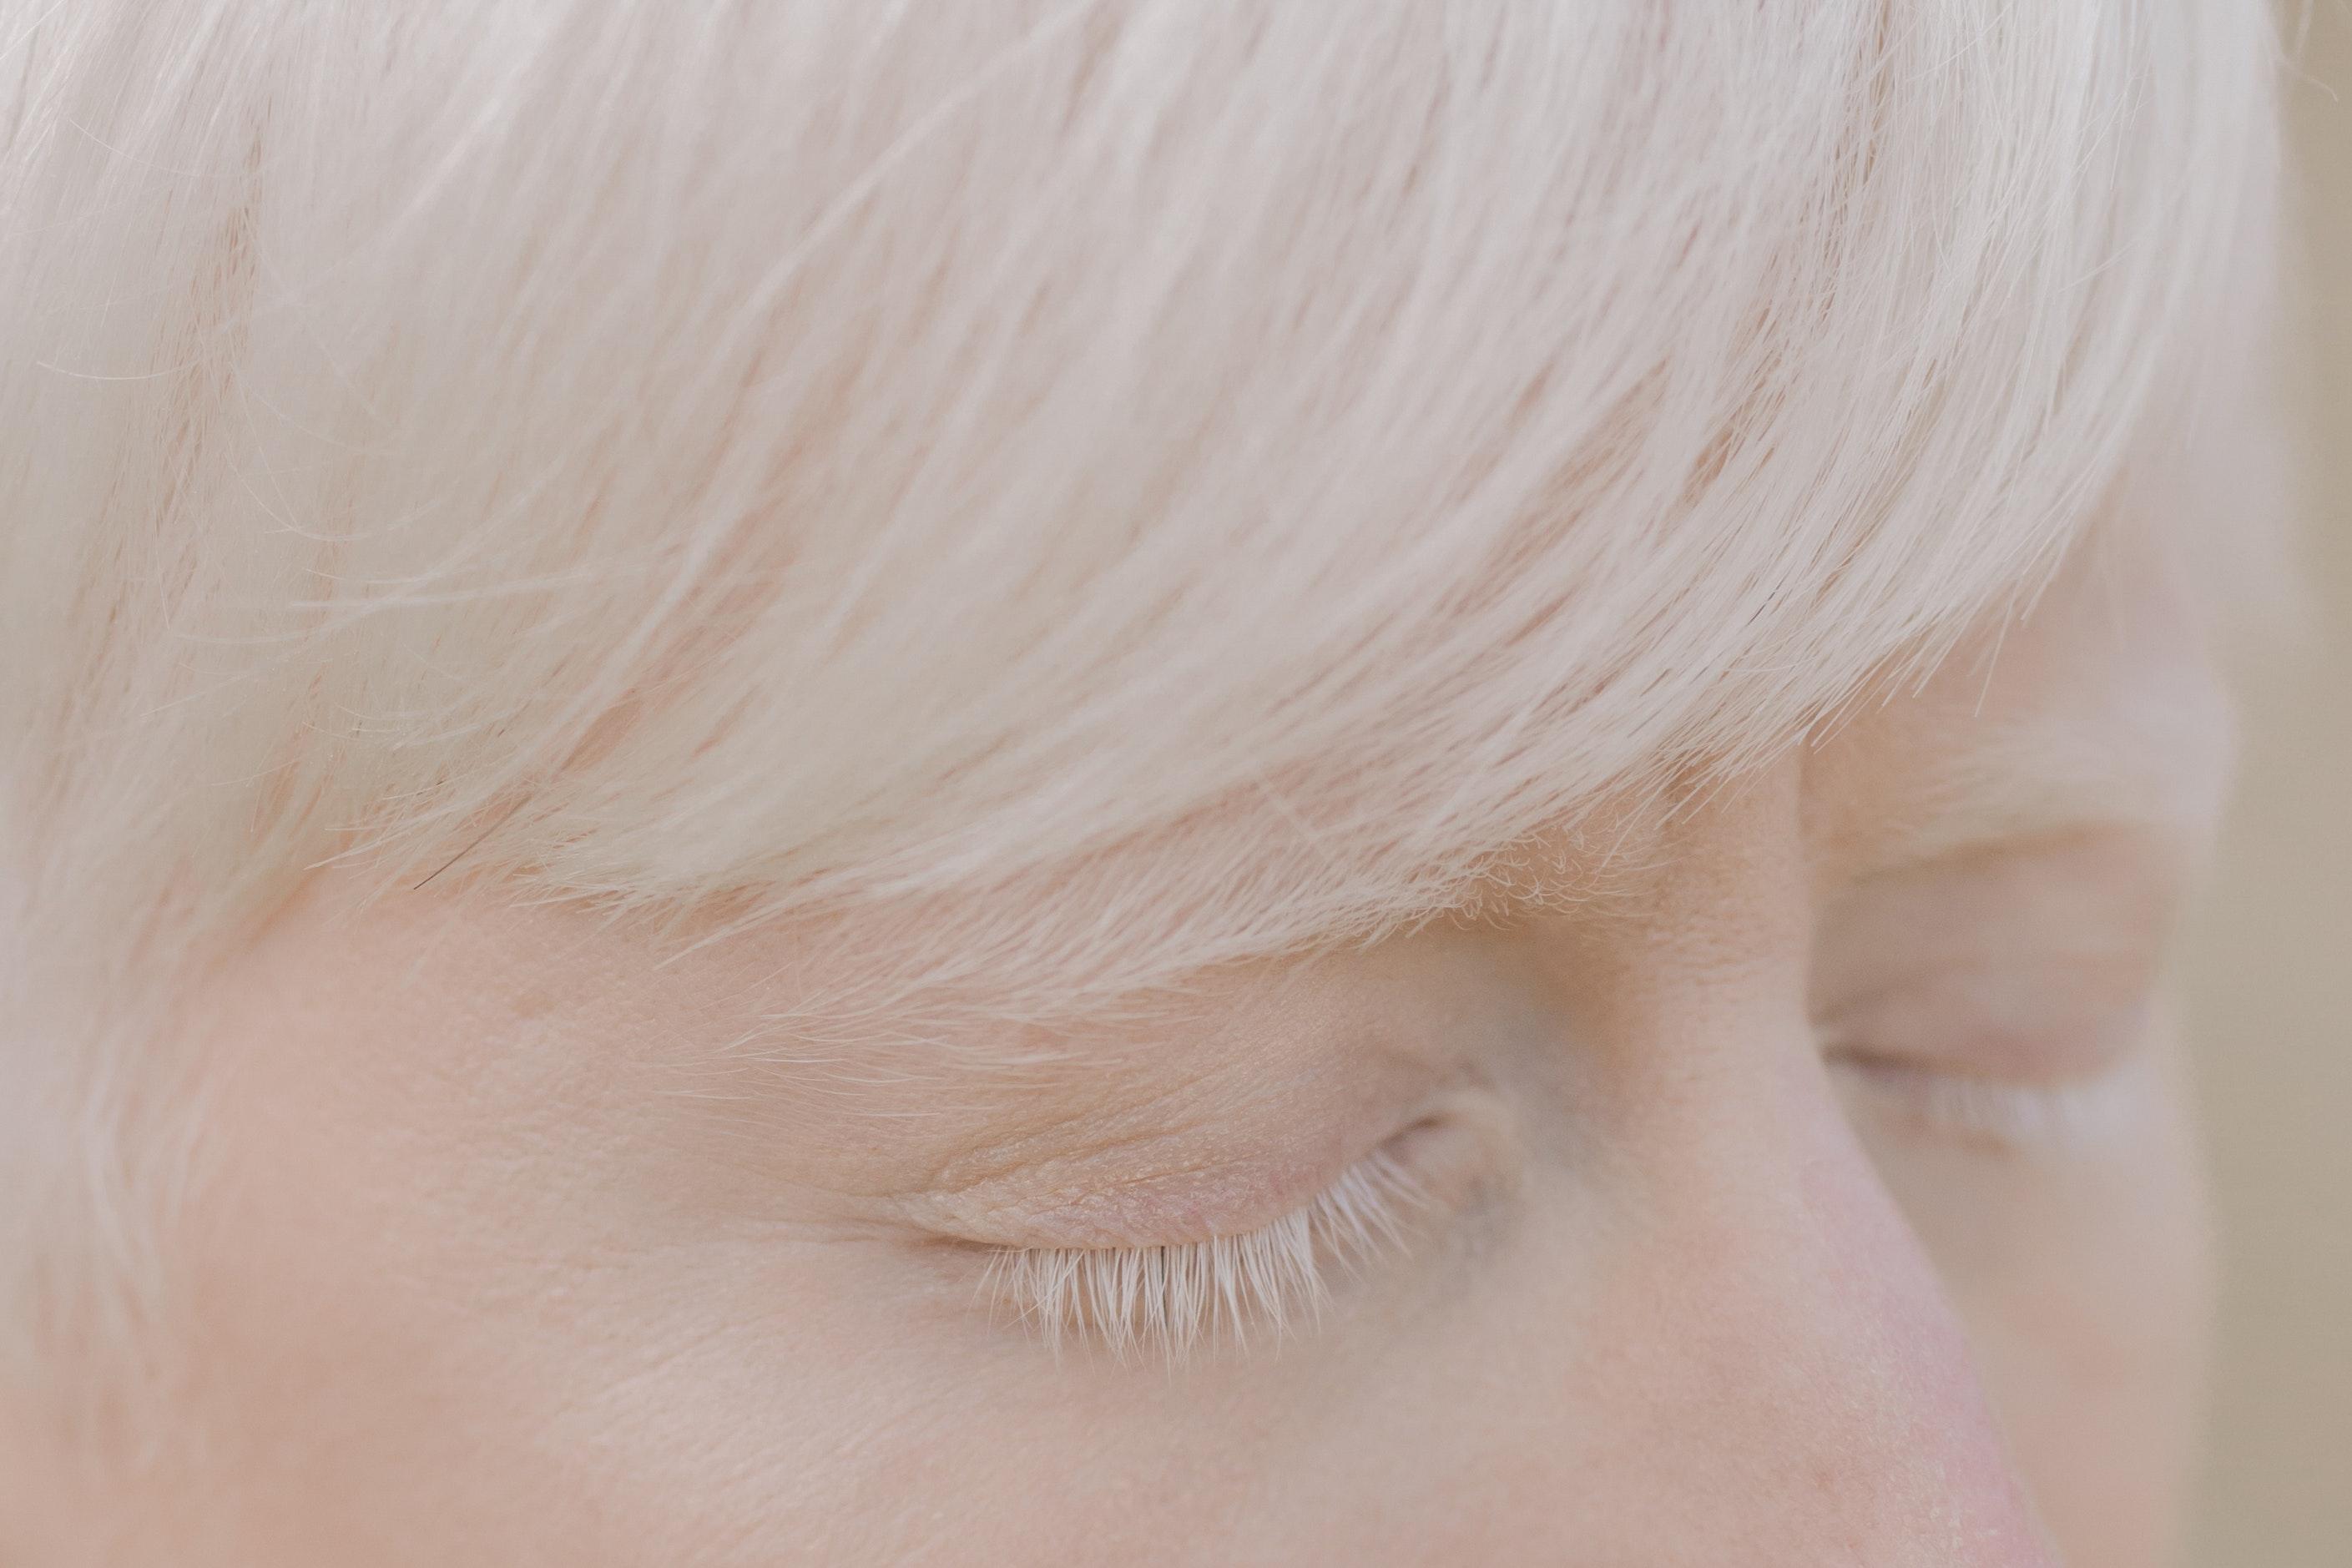 مرضى المهق يعانون من ضعف الرؤية